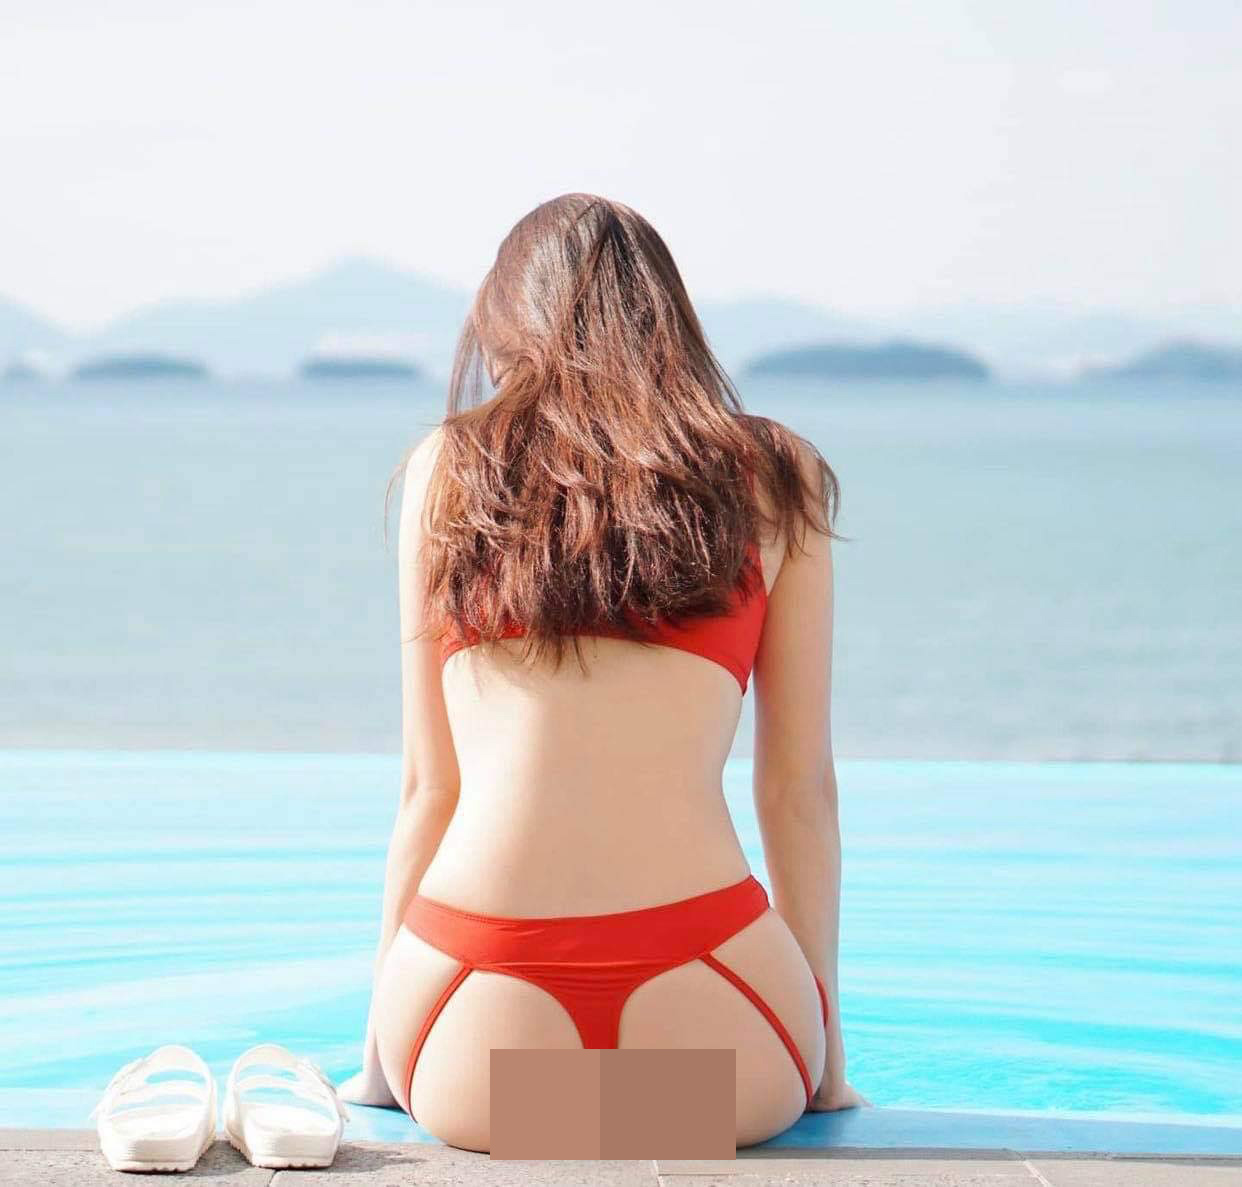 """Các chị đẹp Hàn Quốc diện """"bikini dây dợ"""" dễ gây """"gai mắt"""" vì khoe đường cong bốc lửa - hình ảnh 1"""